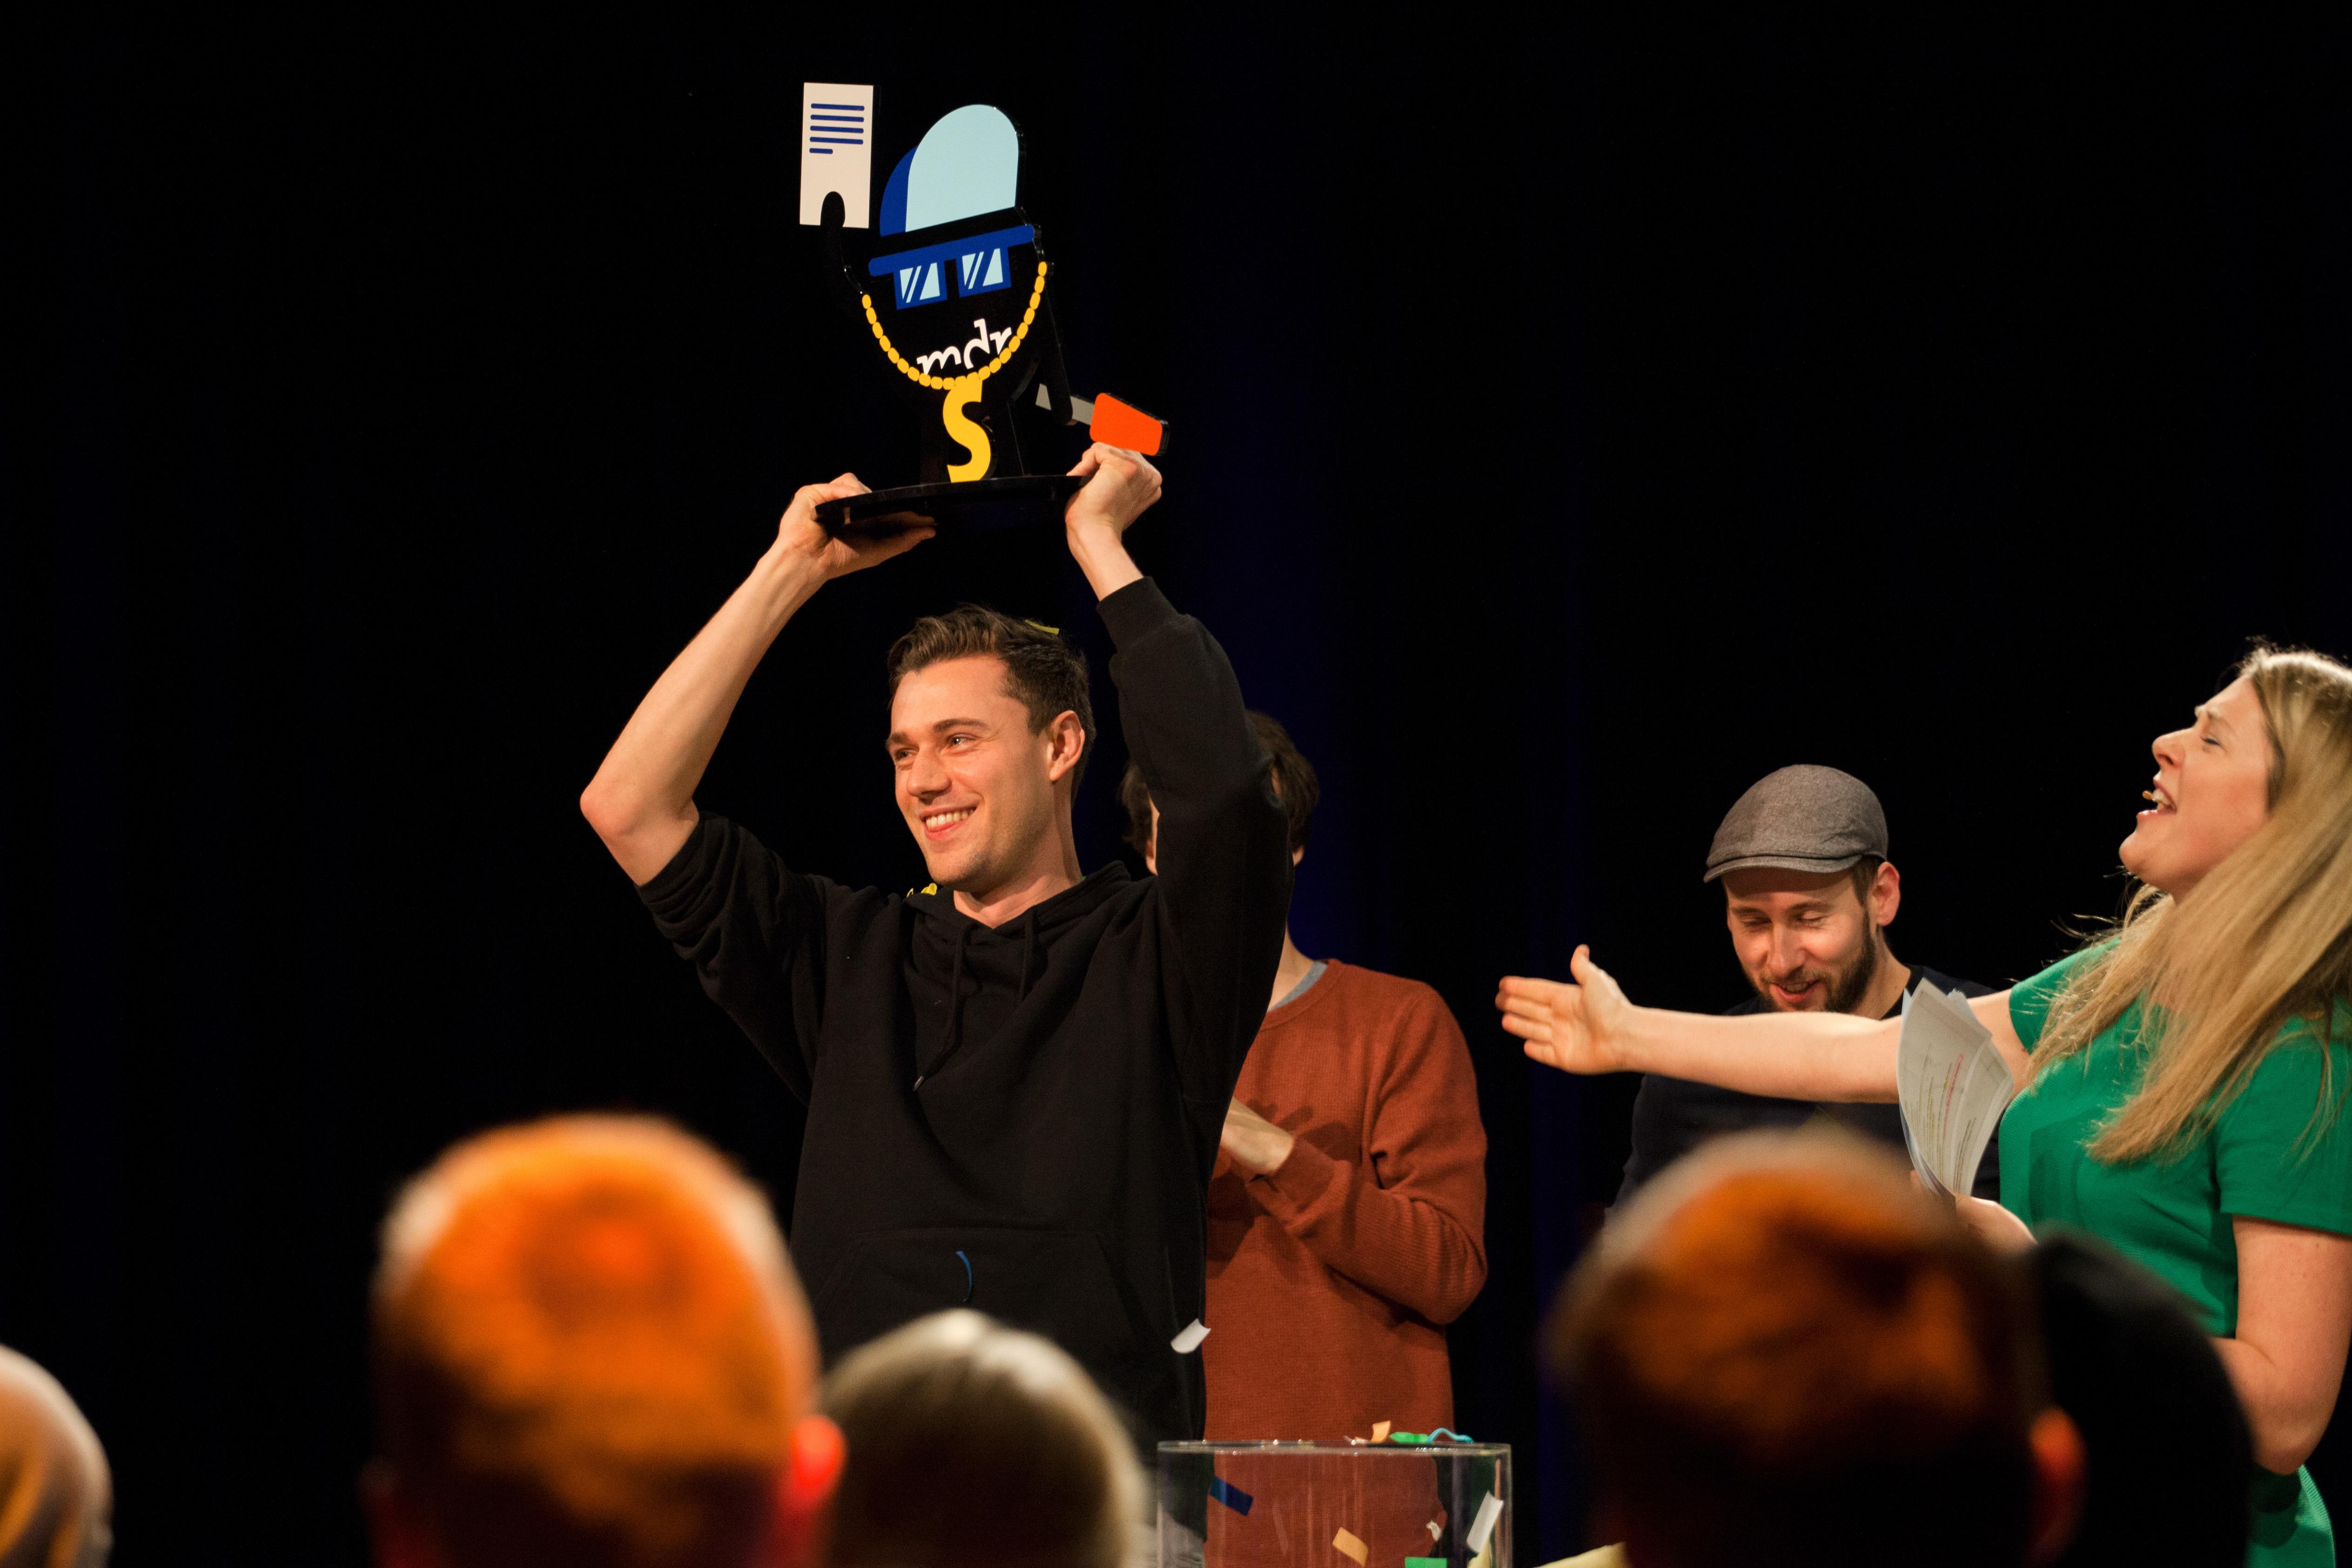 Gewinner Malte Rosskopf